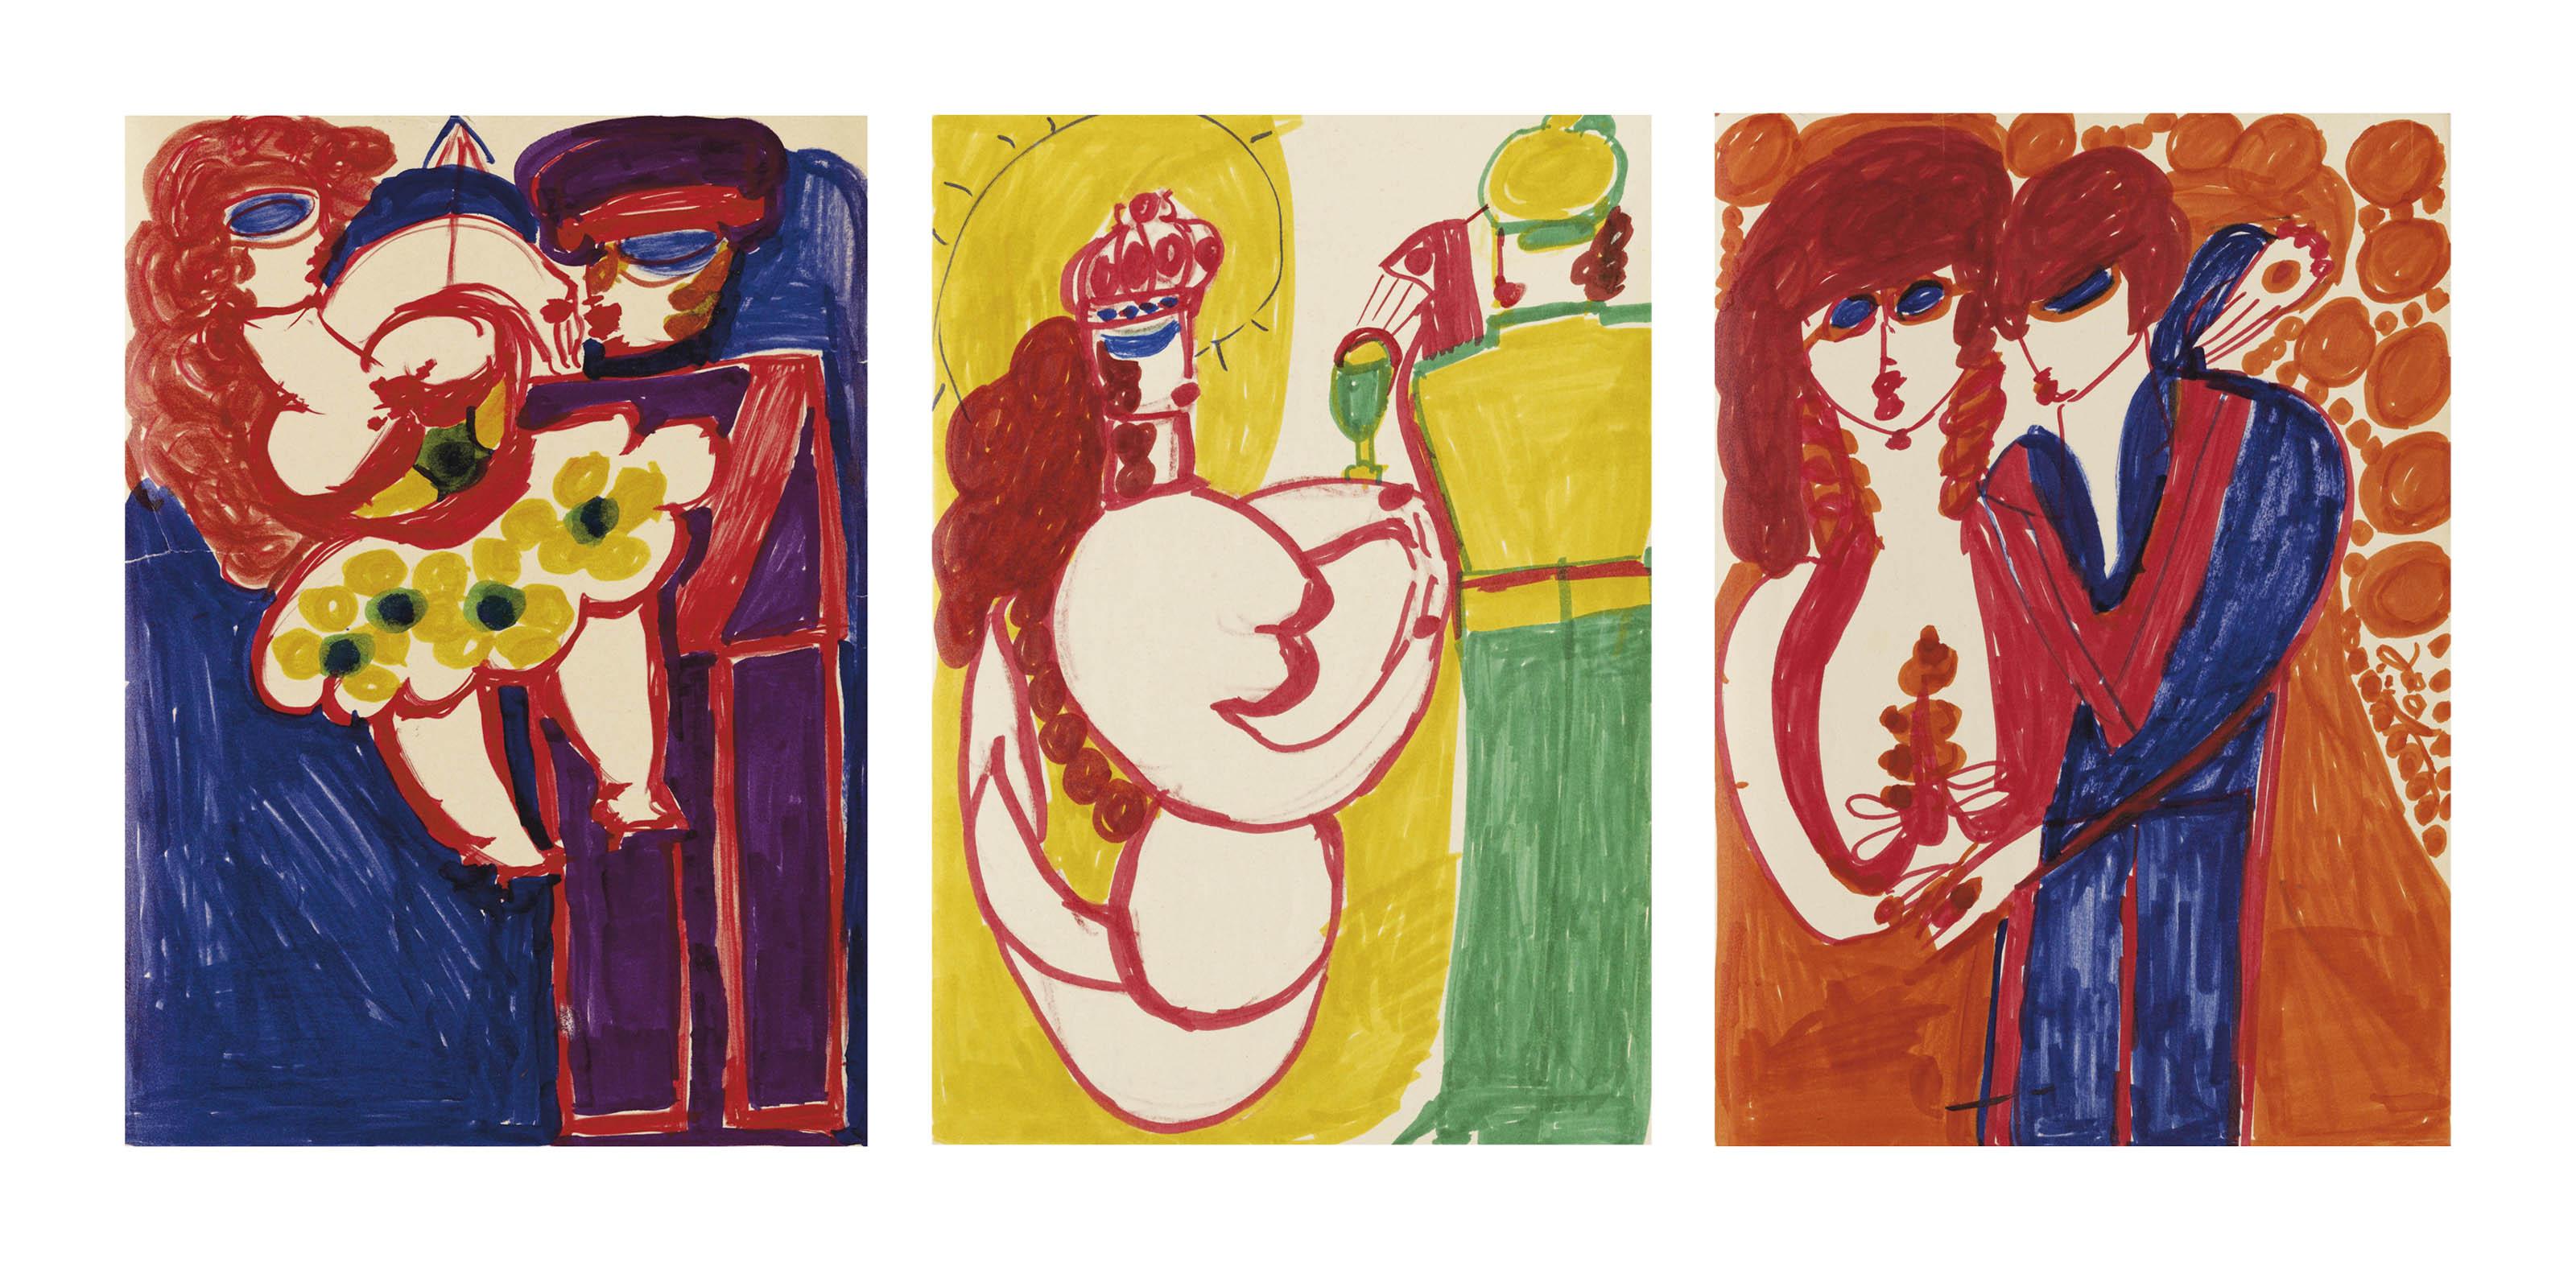 Los von drei Werken: Foule délirante Kennedy, um 1963-64  Sirène de Trévy, um 1963-64   Sous les lampions, um 1963-64